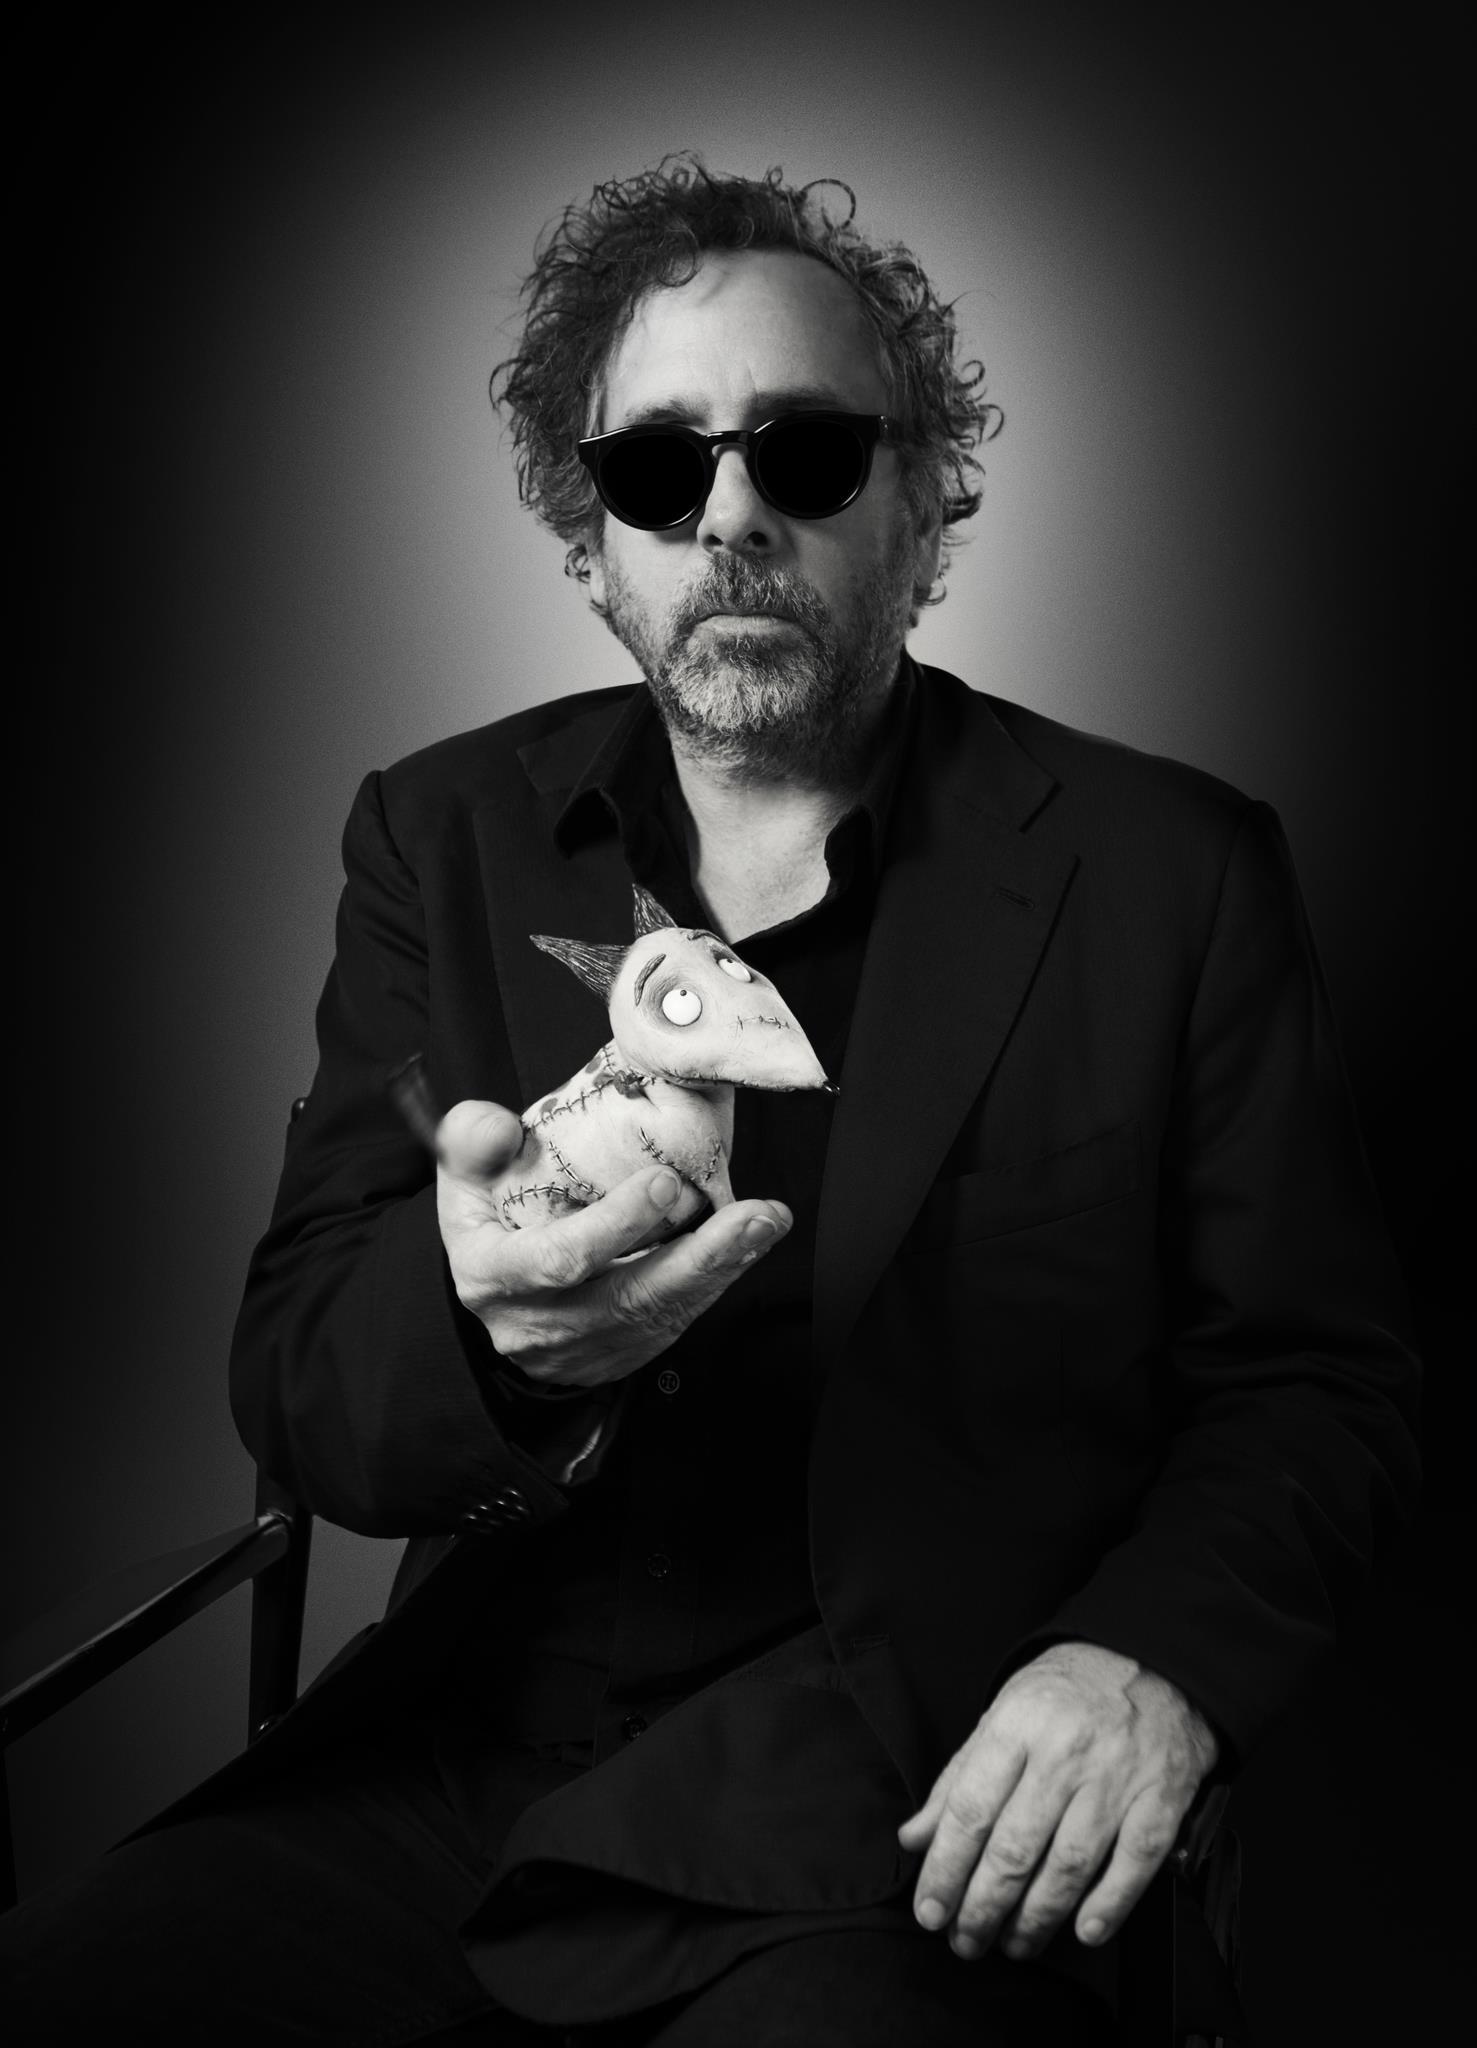 Tim Burton Movie About Dog